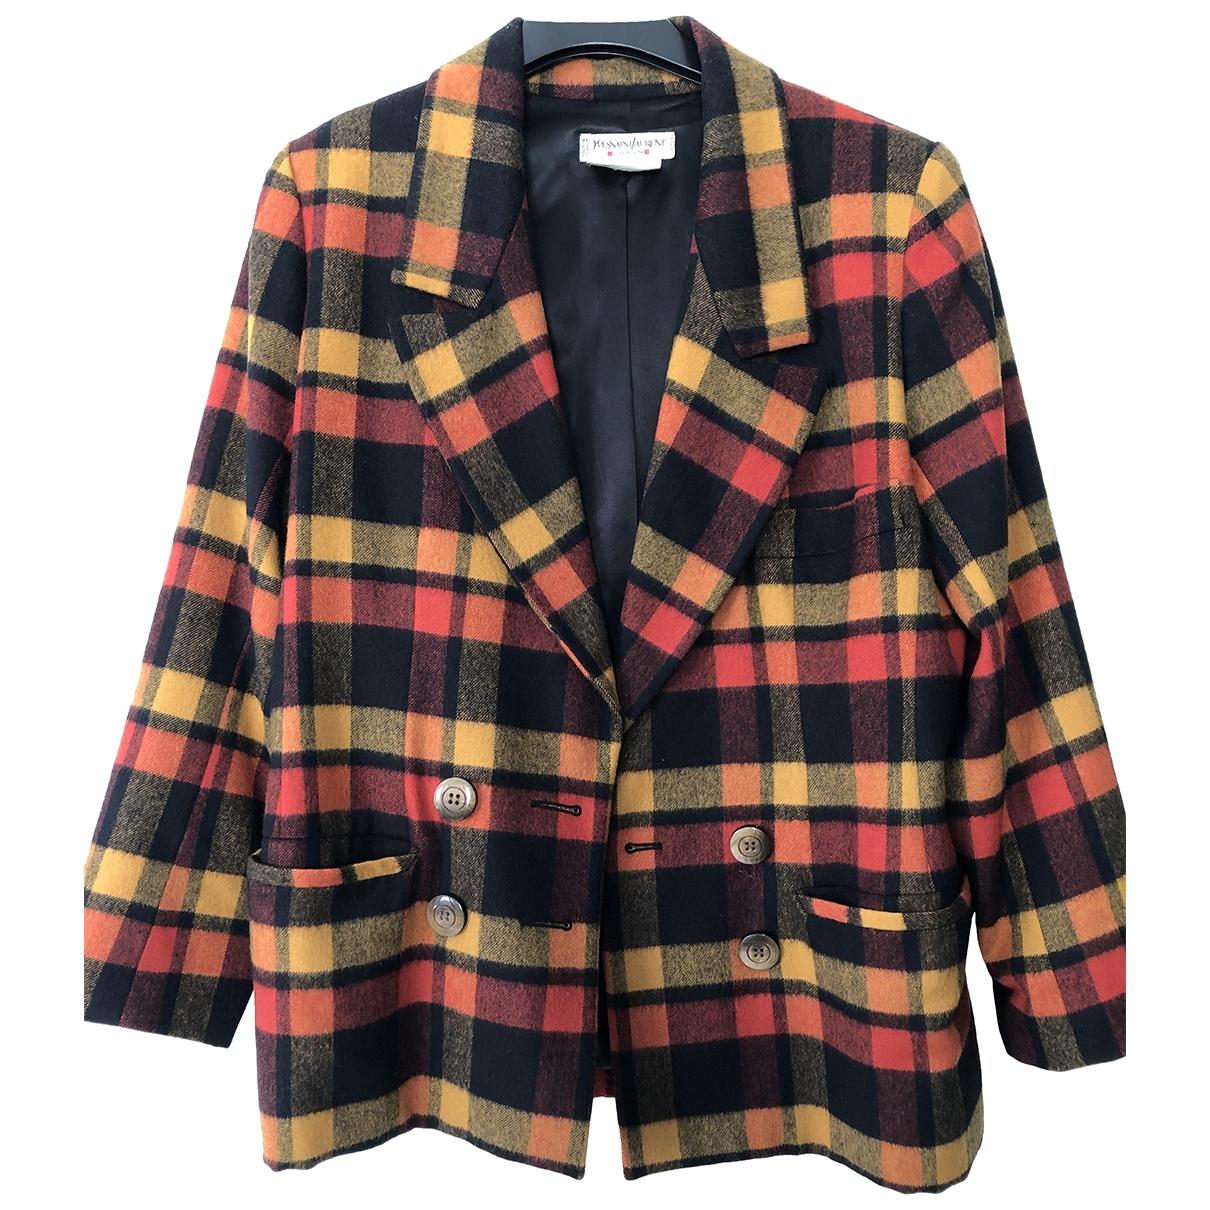 Yves Saint Laurent - Manteau   pour femme en laine - multicolore